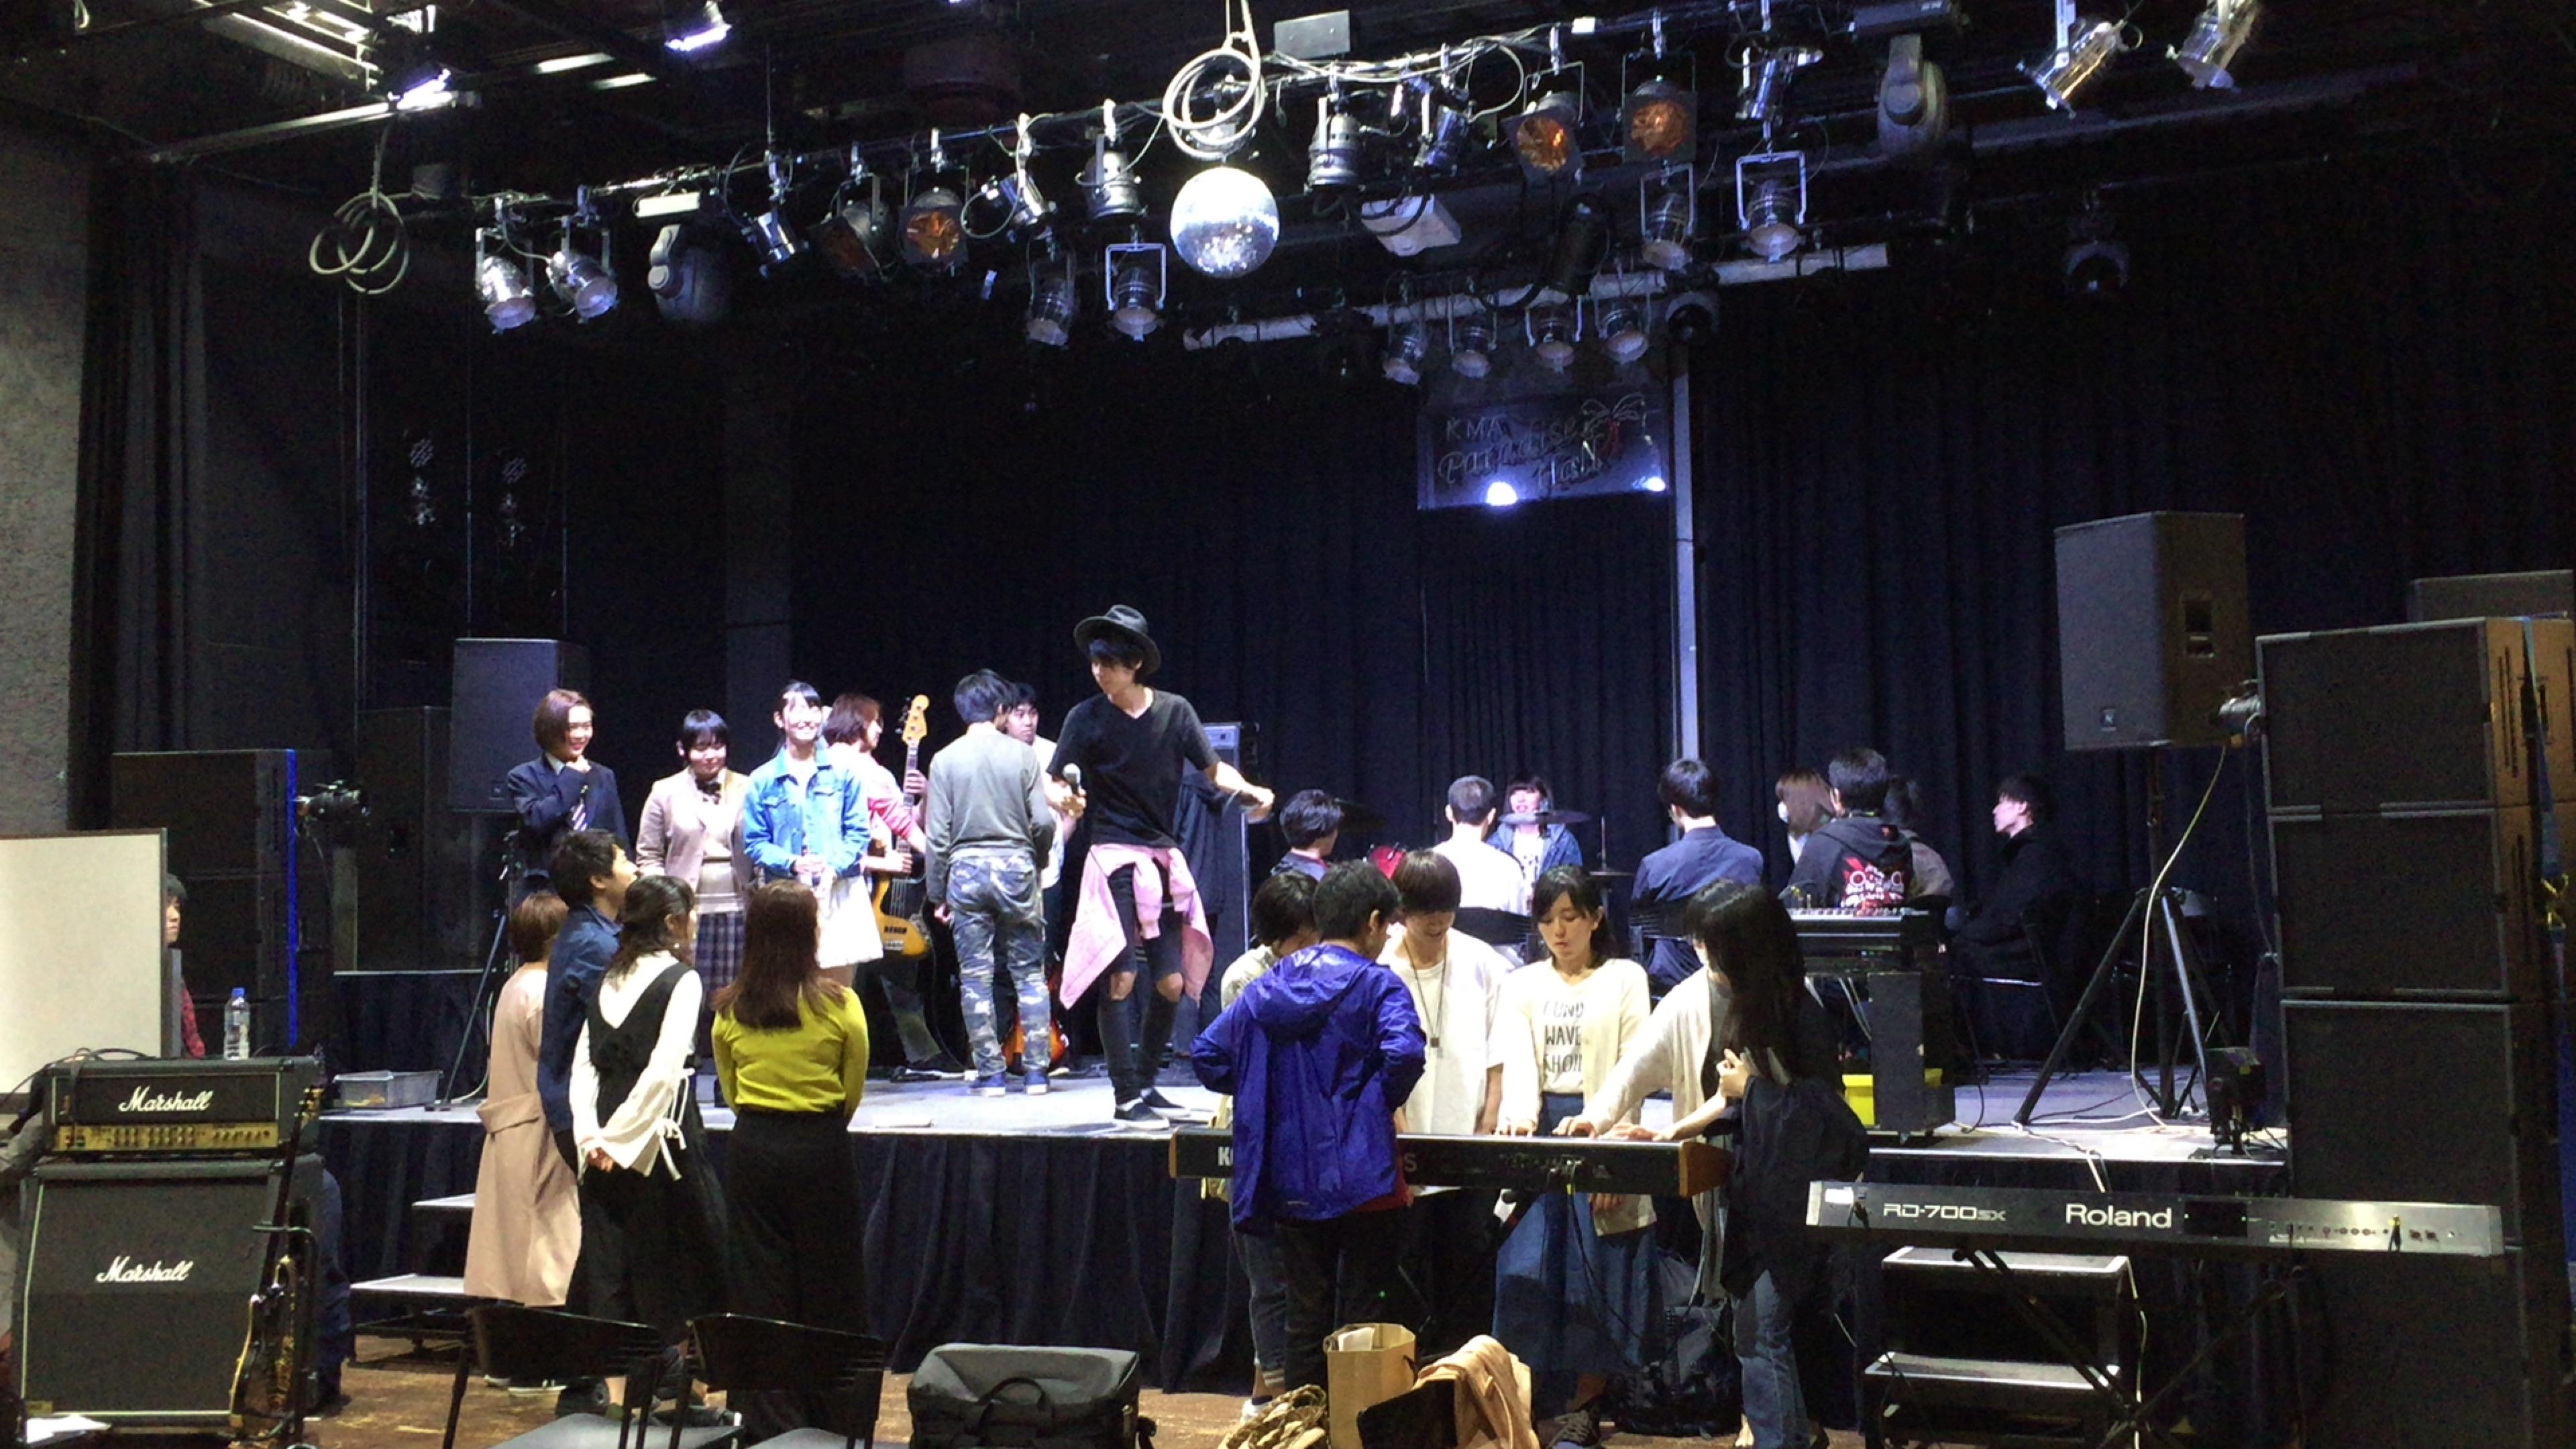 国立音楽院パラダイスホールのステージ上やステージ下で様々な楽器指導が同時に行われています。